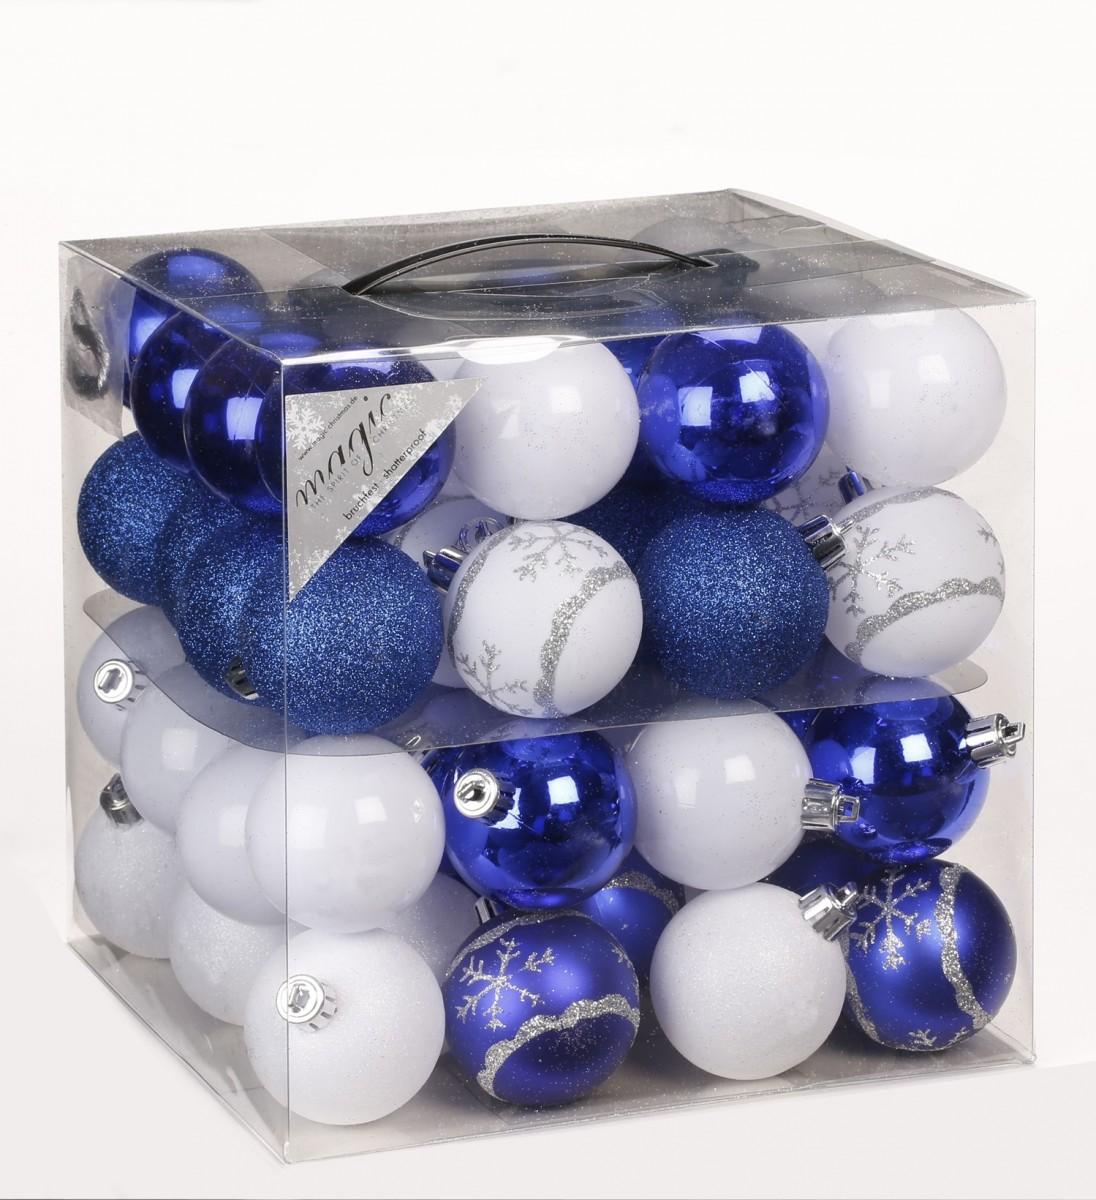 64x kunststoff christbaumkugeln 6cm kugel box glanz glitzer matt dekor inge glas. Black Bedroom Furniture Sets. Home Design Ideas